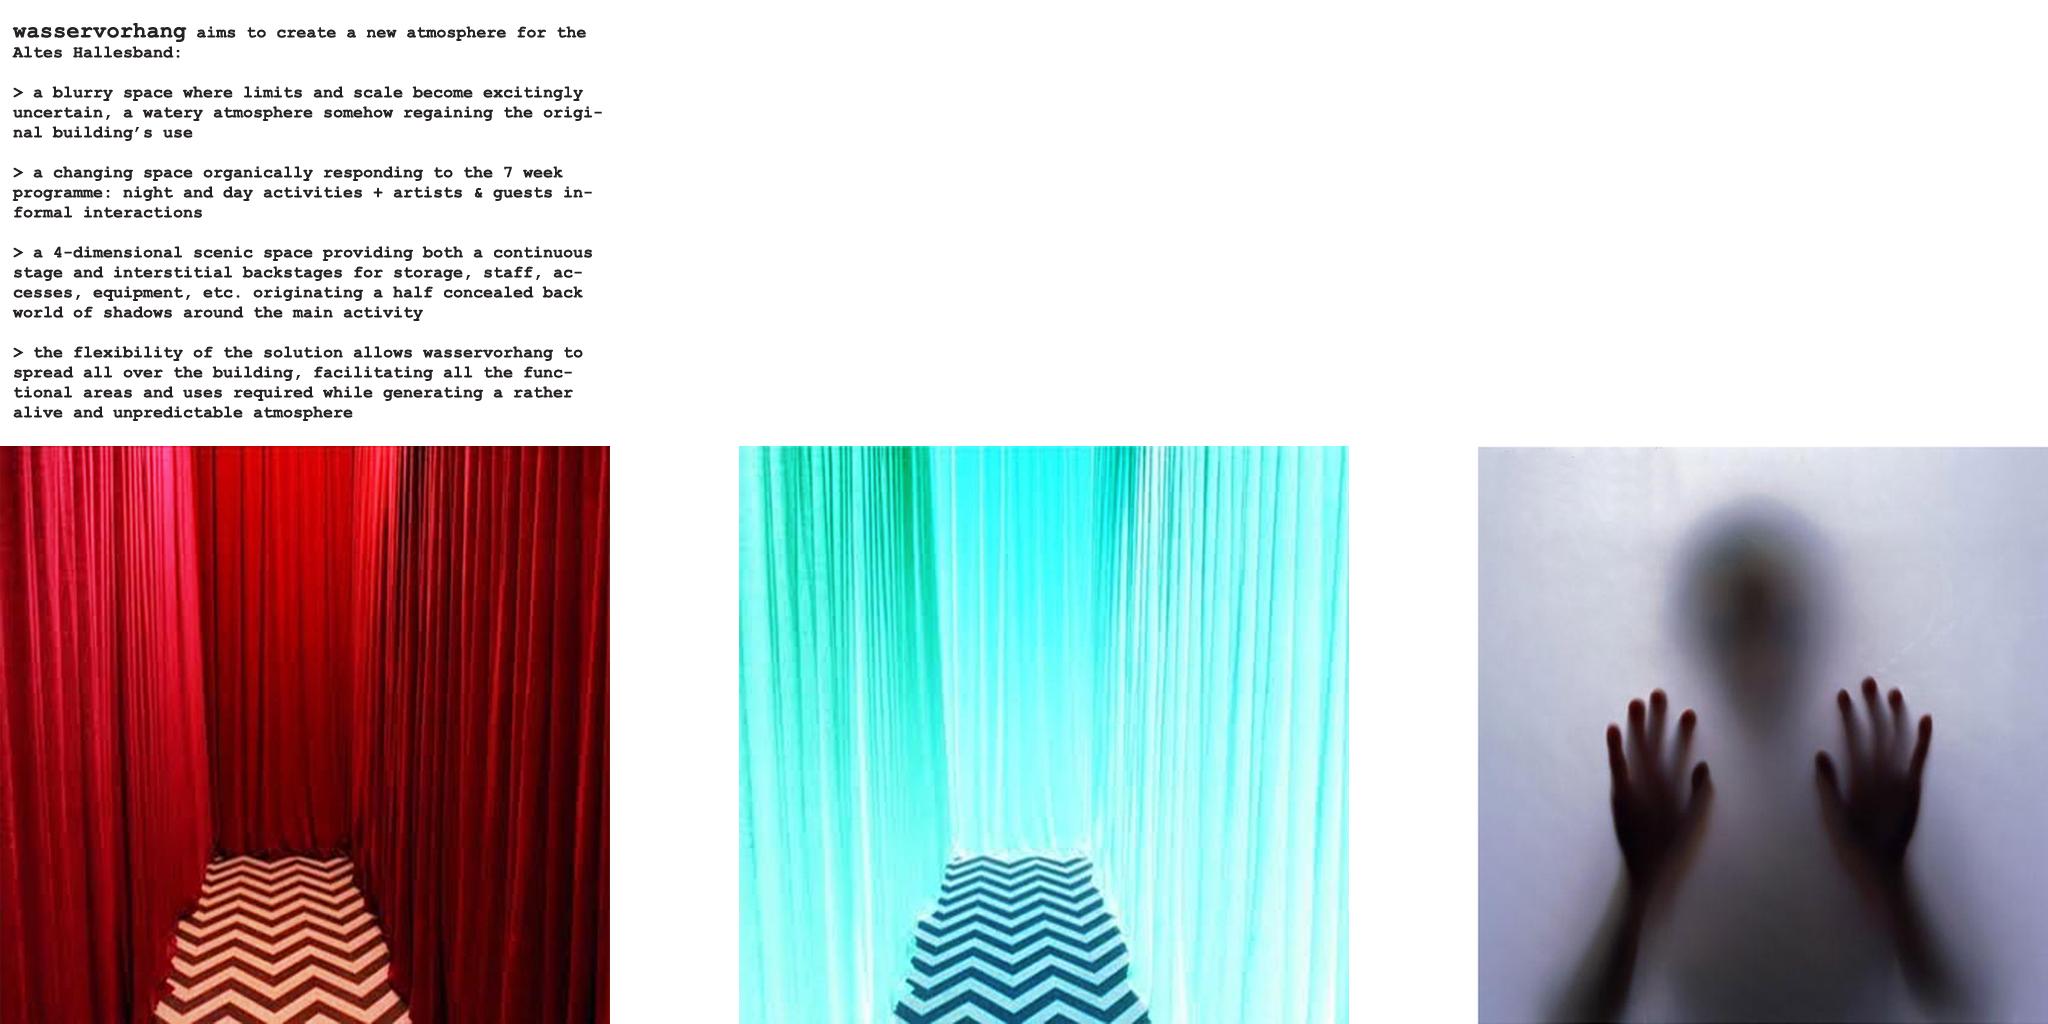 Wasservorhang_Concept_221133.jpg